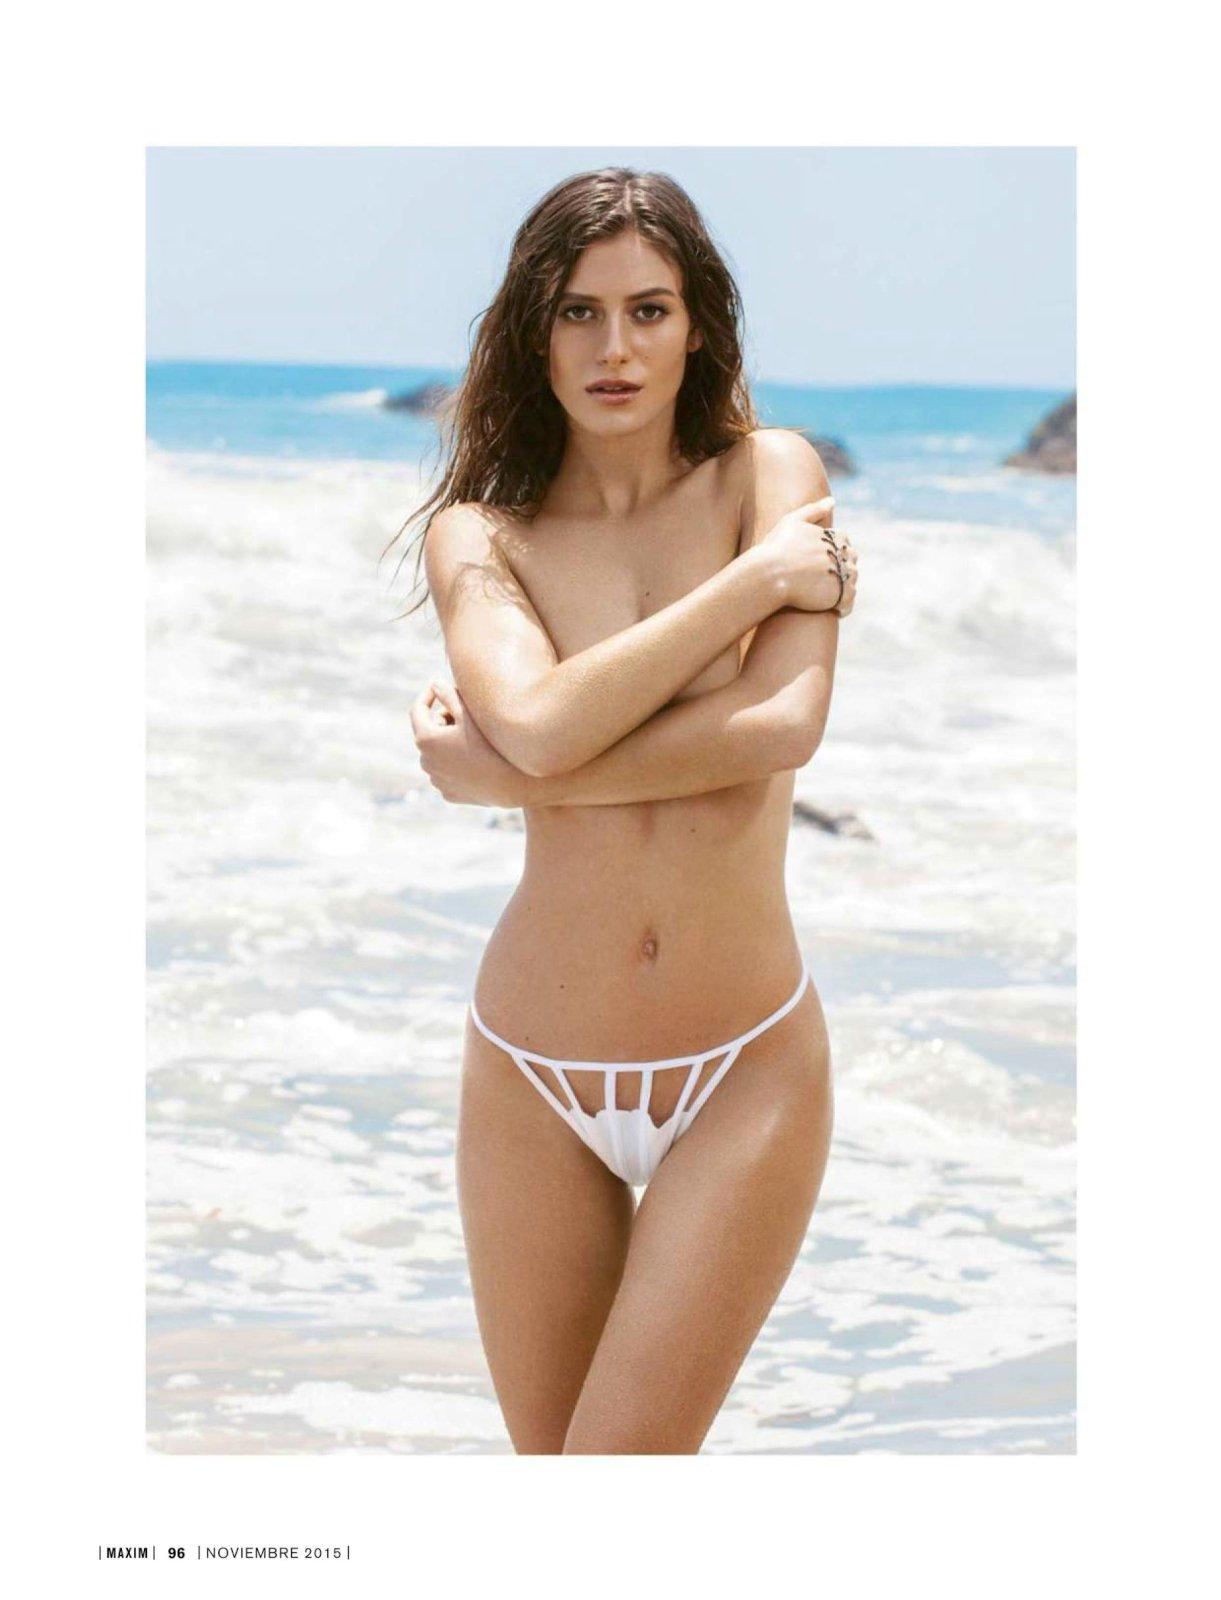 Hot tan ass nude